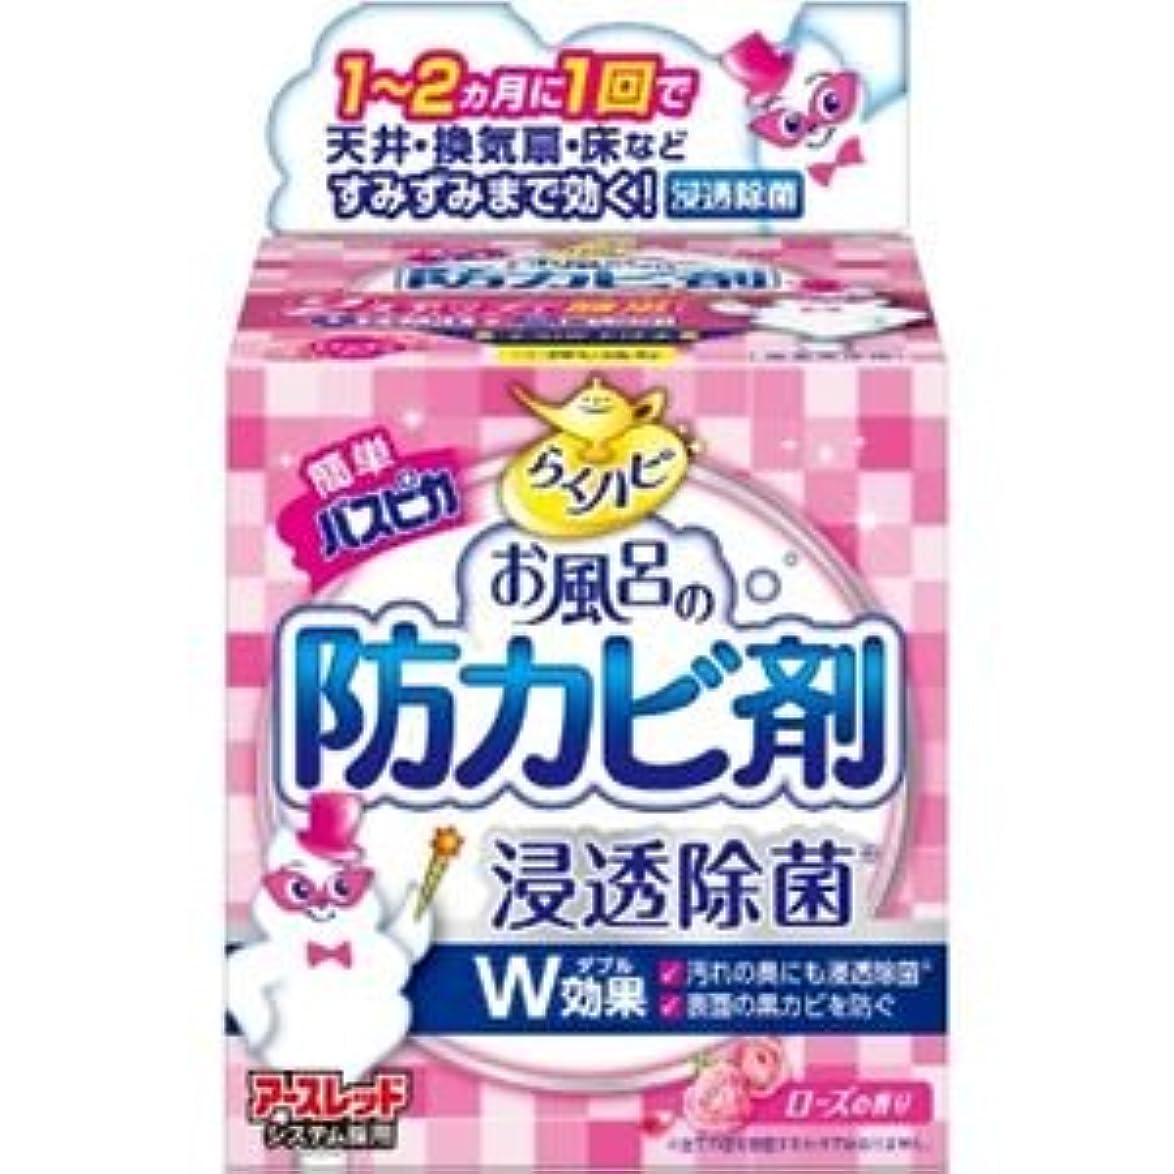 アリボーダー感嘆(まとめ)アース製薬 らくハピお風呂の防カビ剤ローズの香り 【×3点セット】